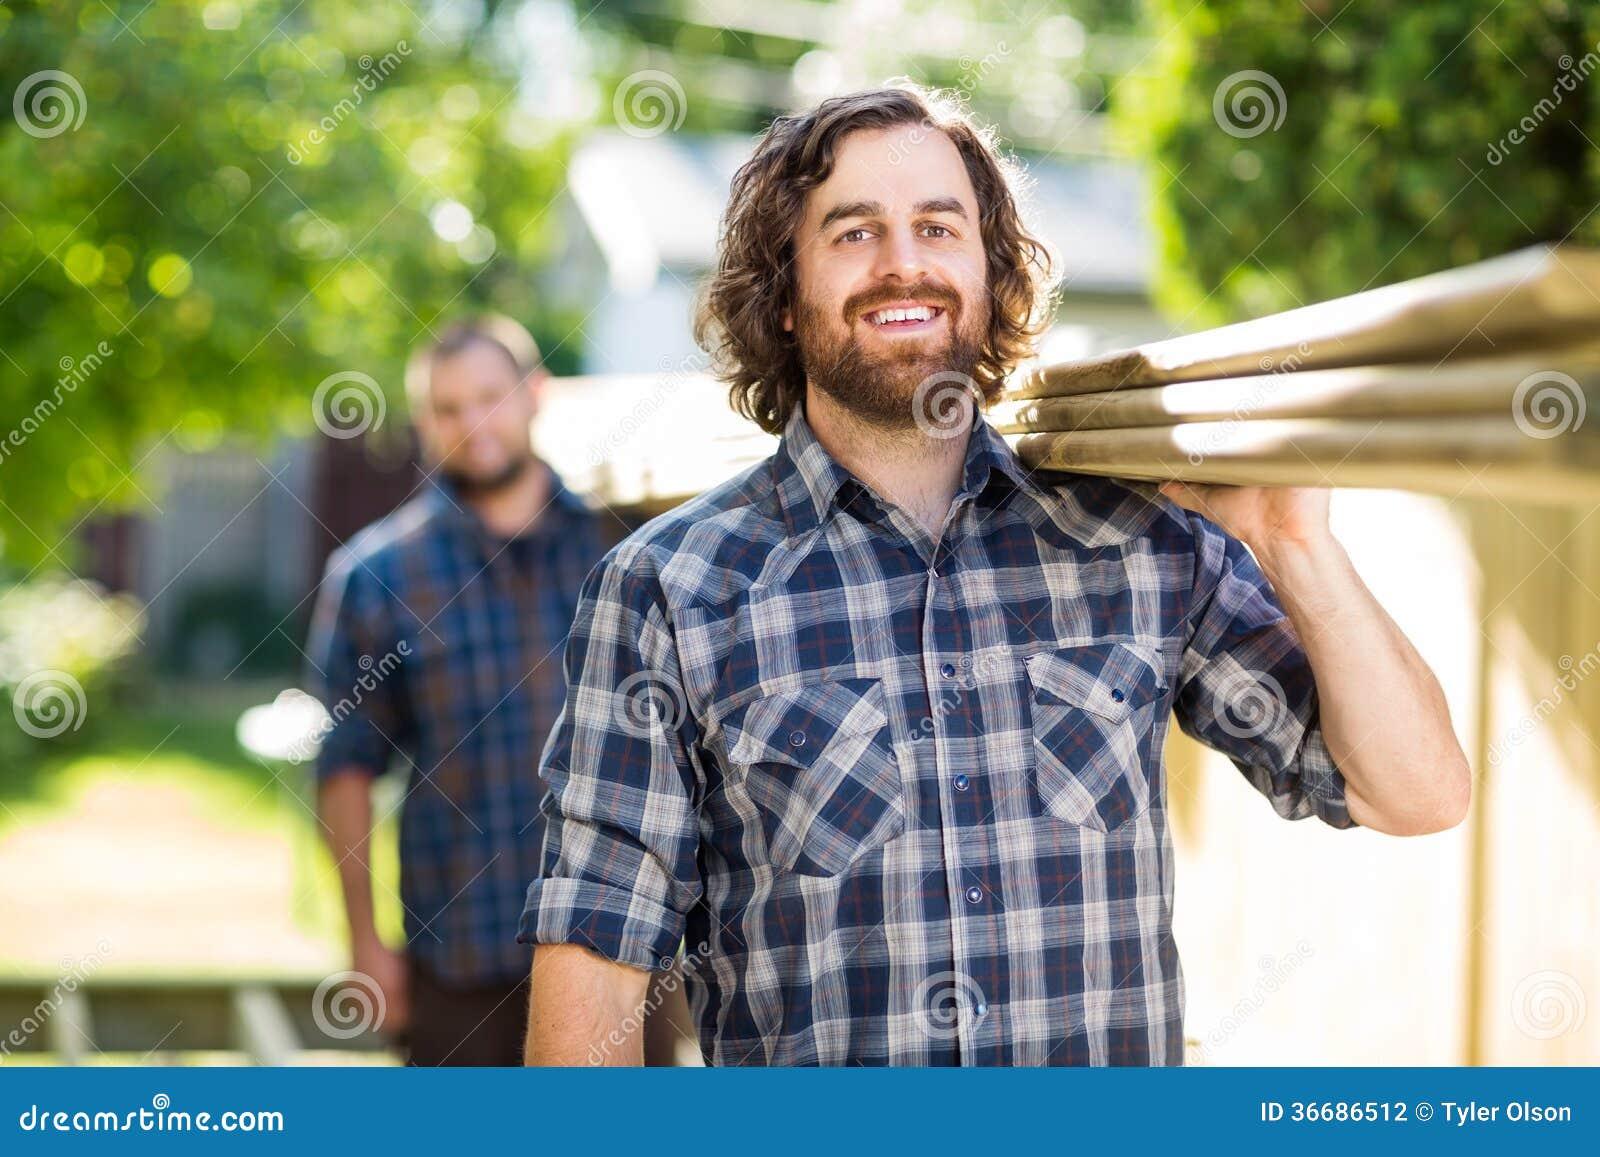 Glückliche Tischler-With Coworker Carrying-Planken